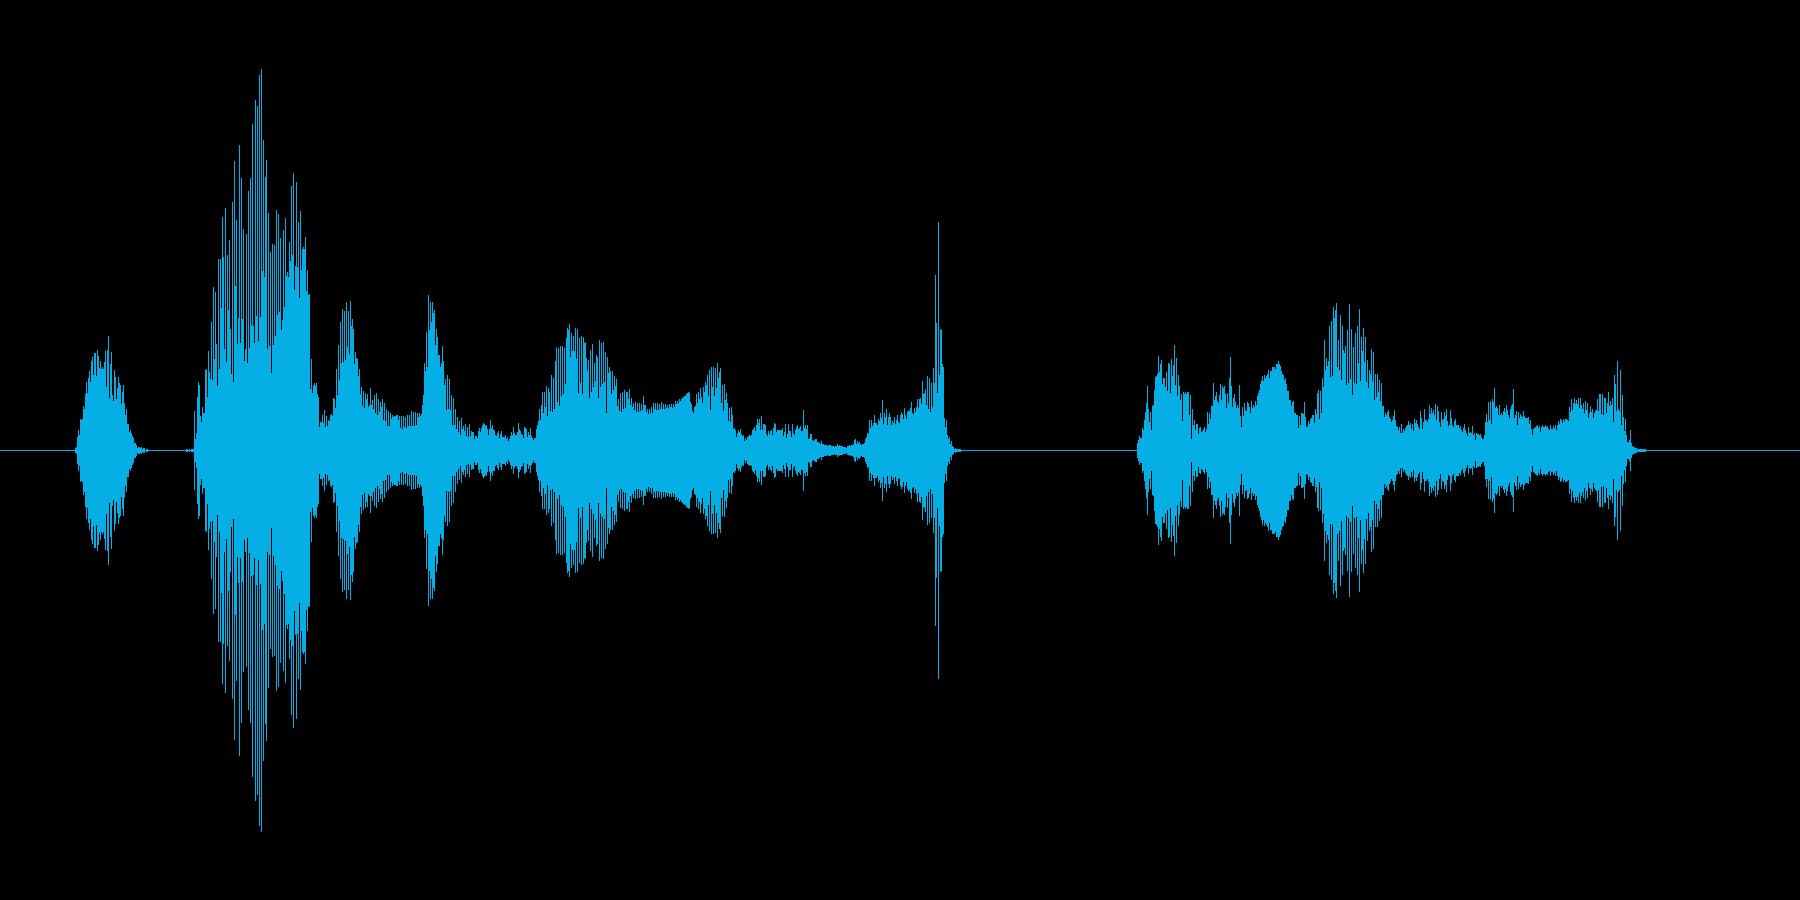 オカエリナサイマセ ゴシュジンサマの再生済みの波形